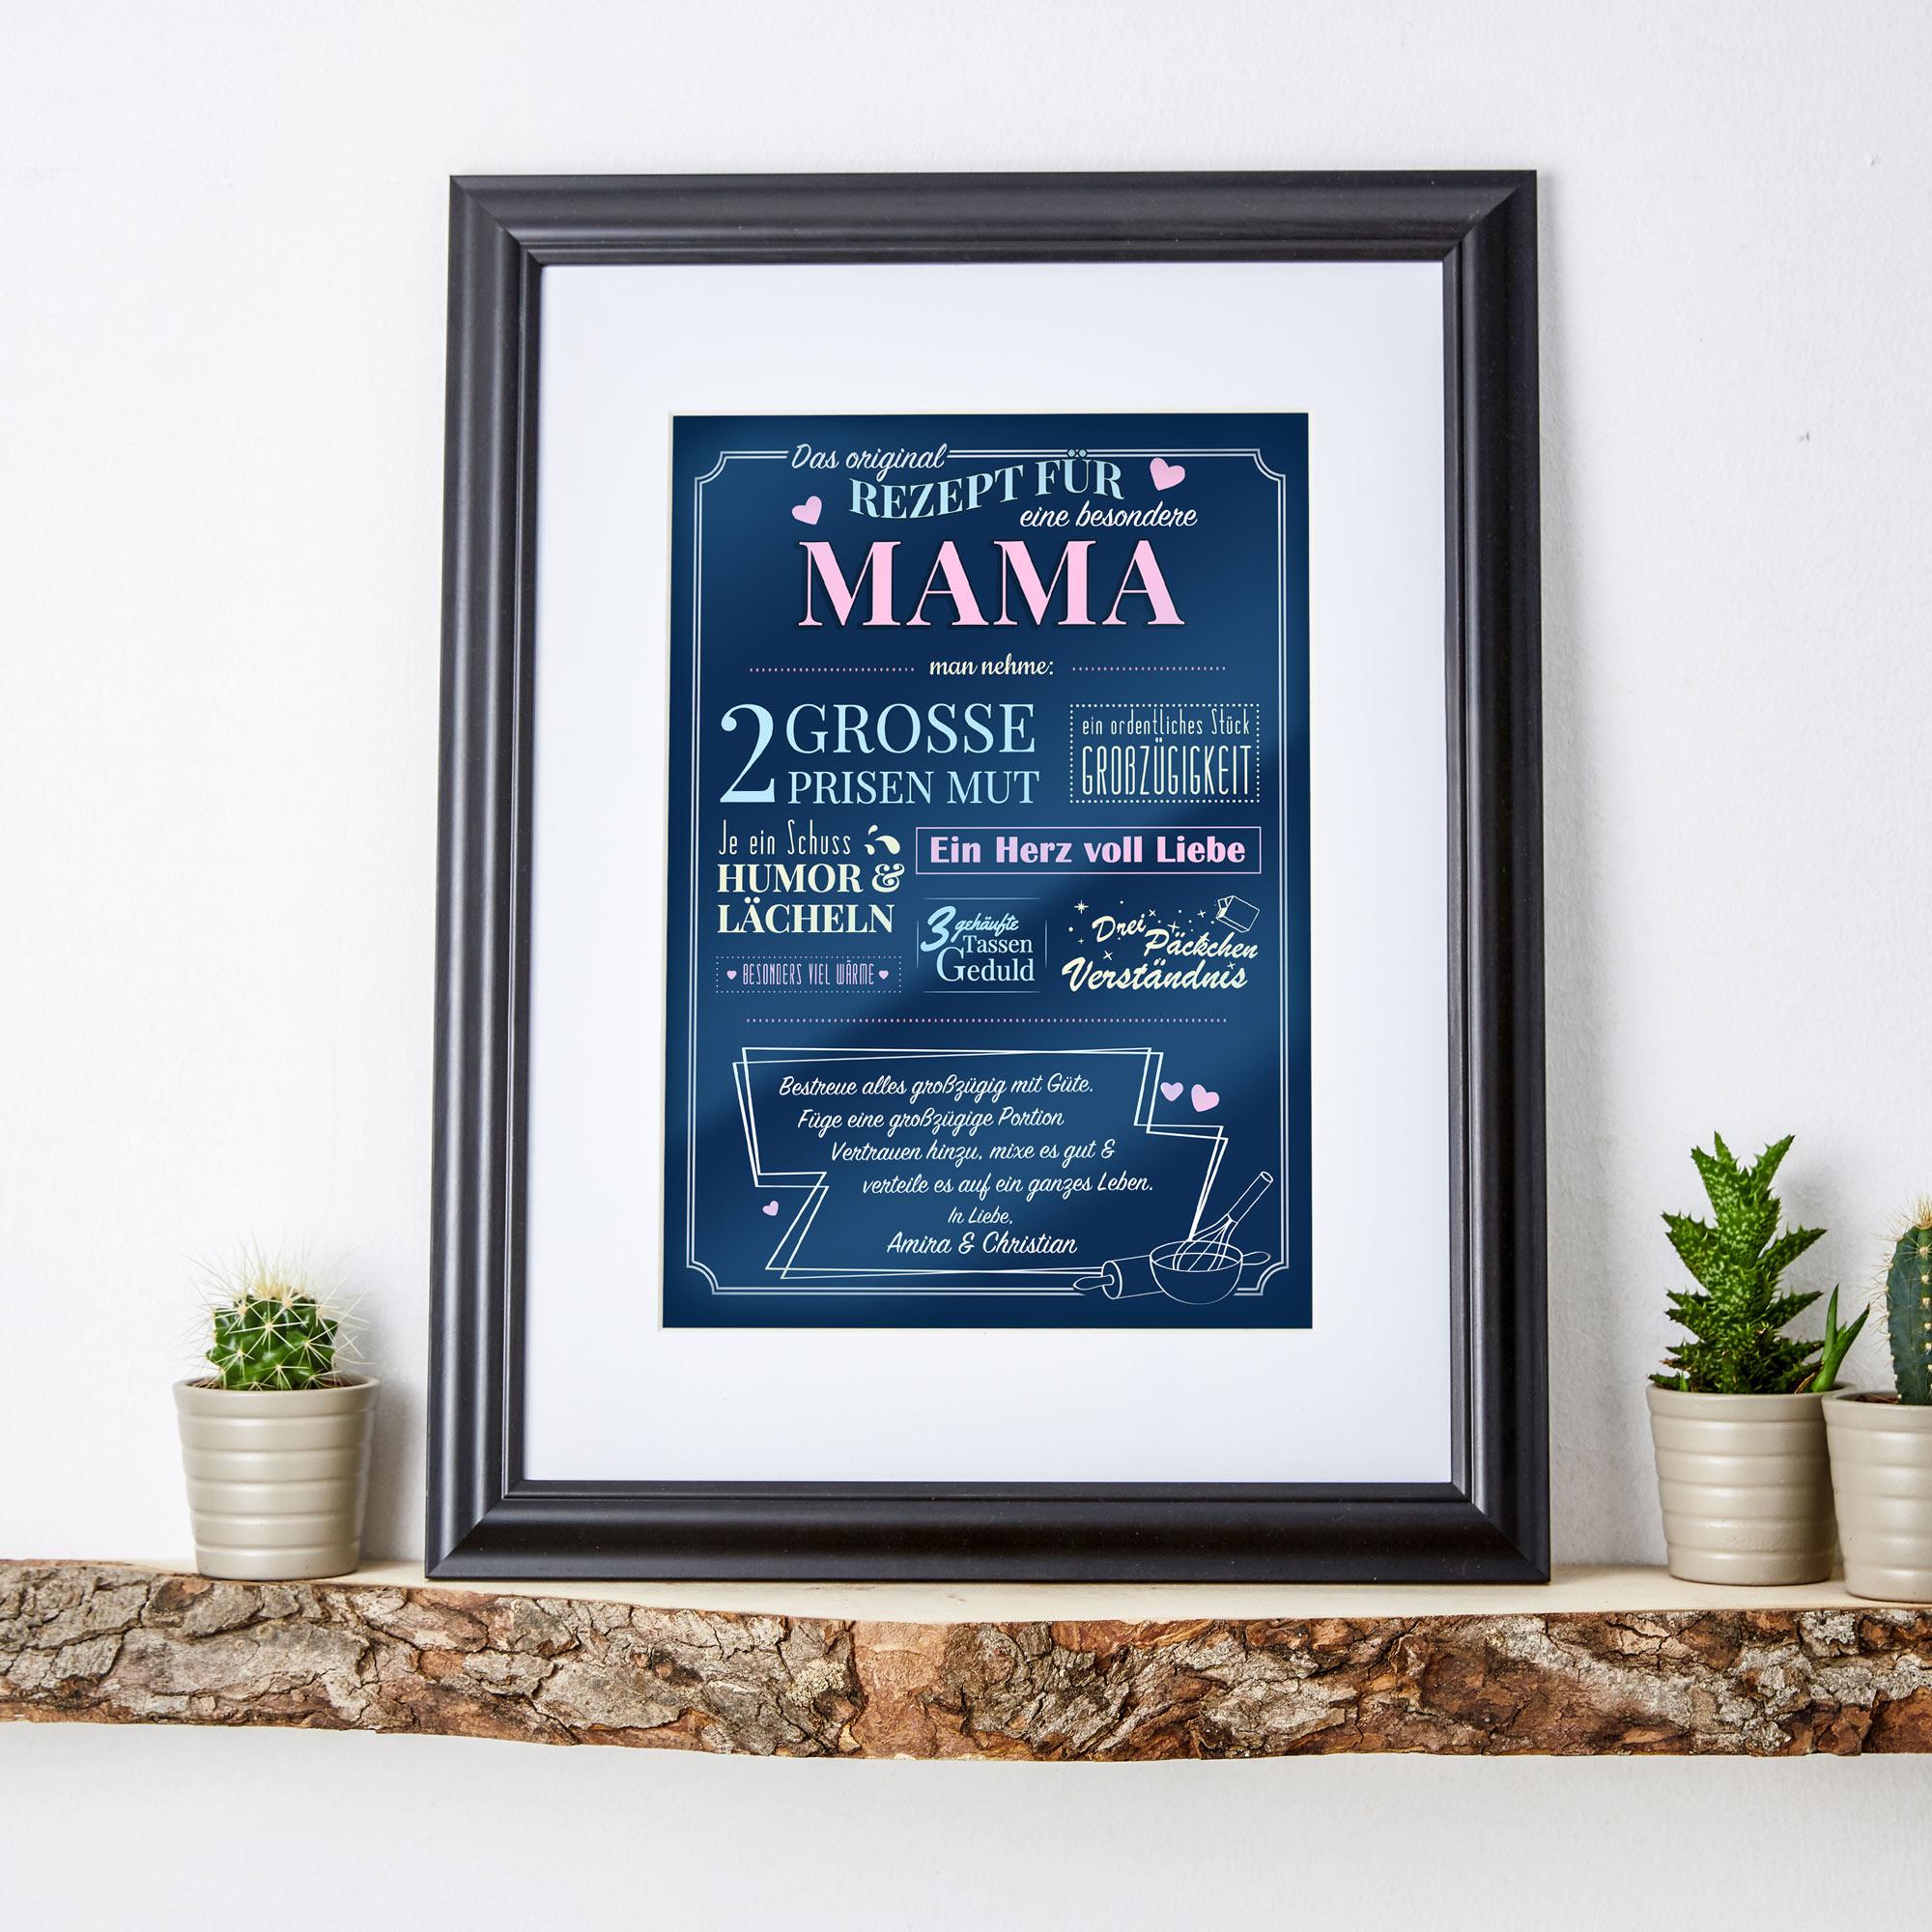 Personalisiertes Wandbild - Rezept für eine besondere Mama